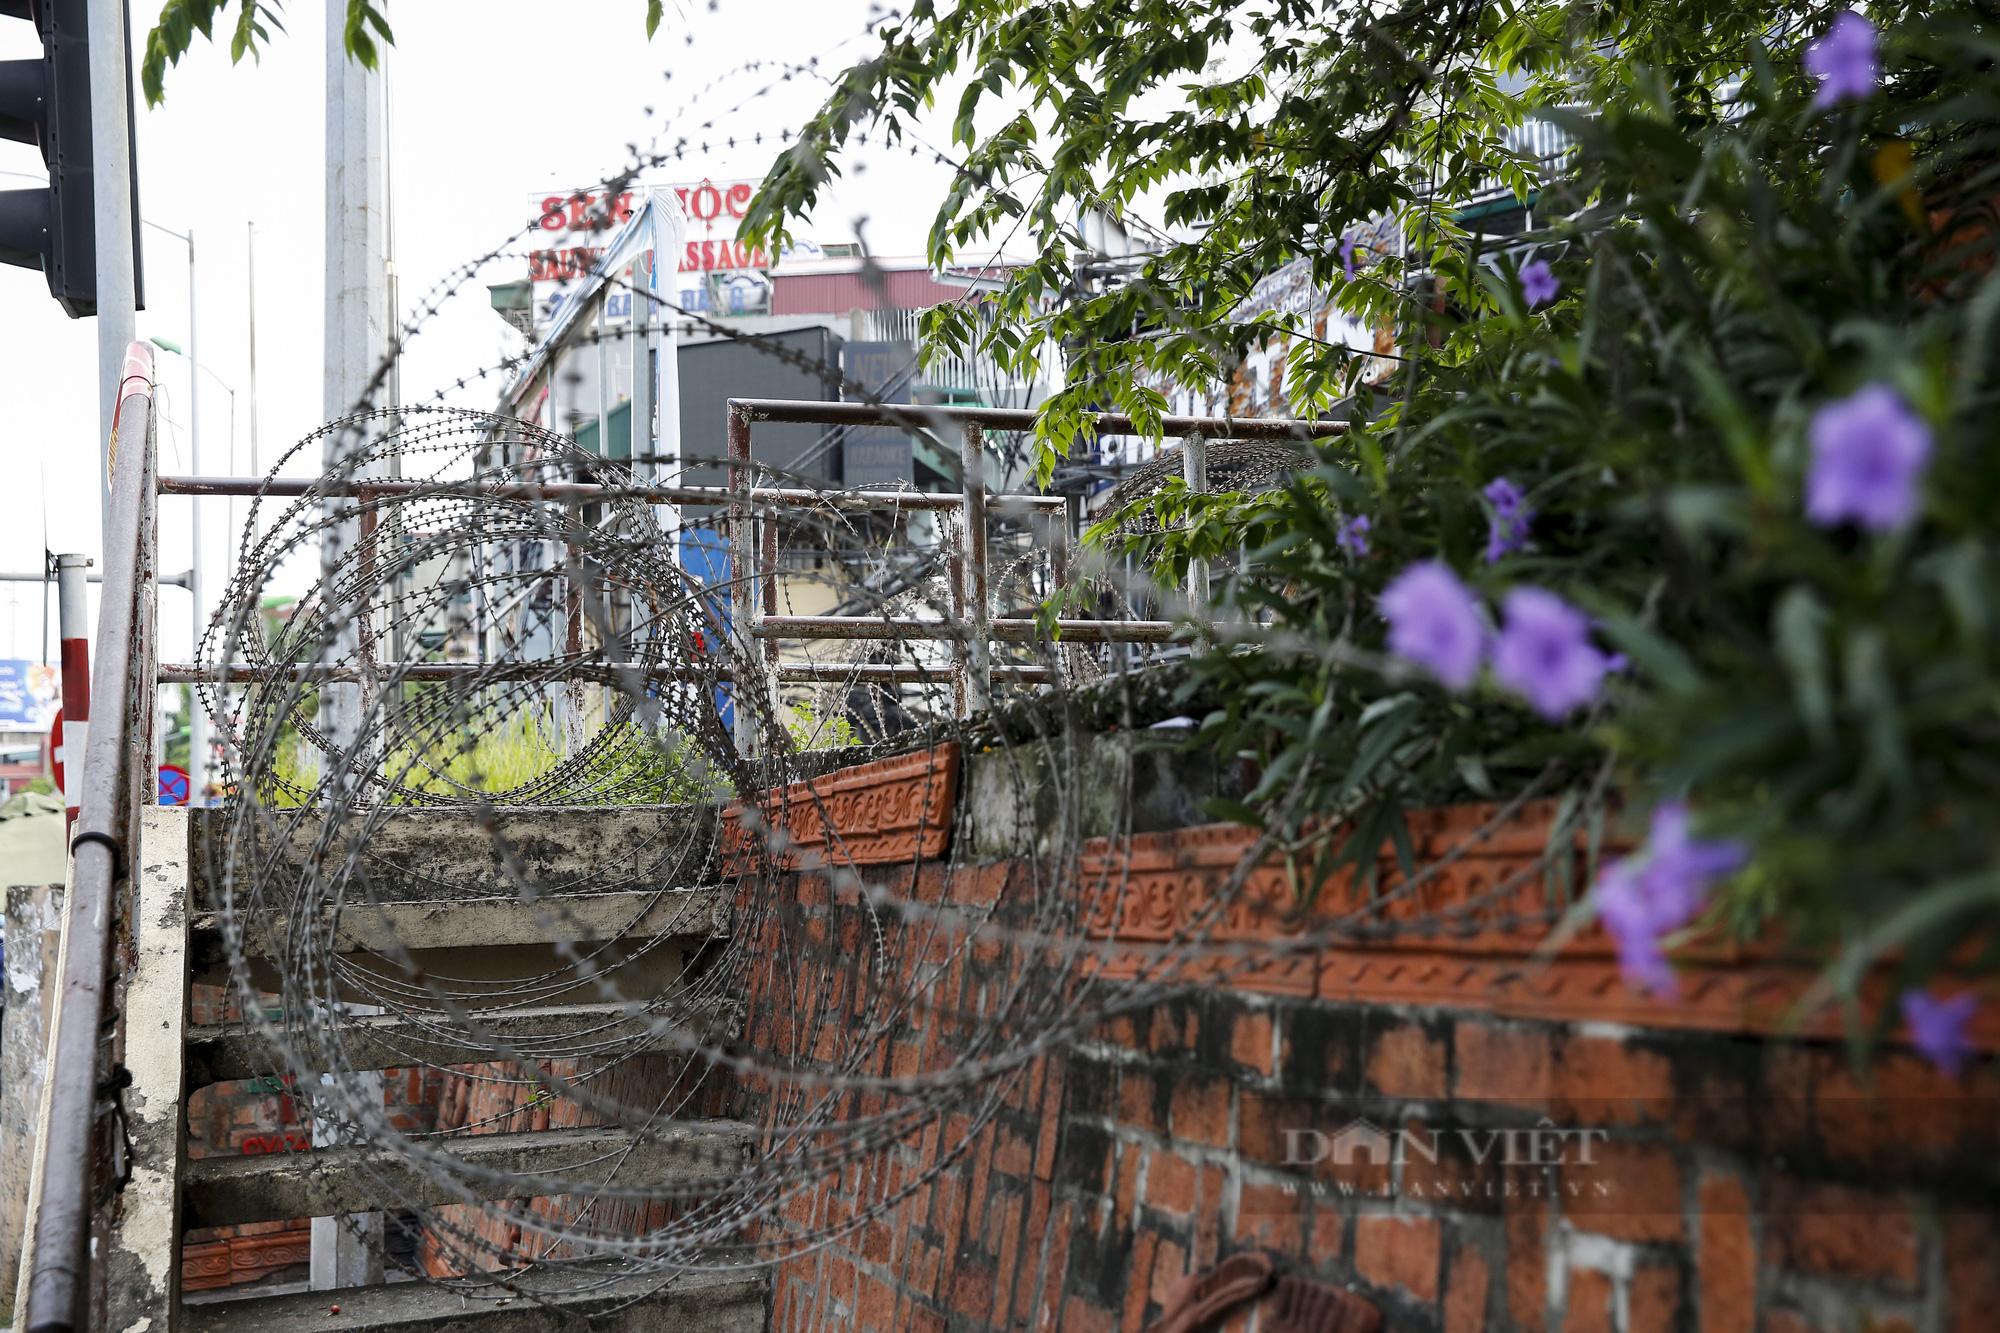 Hà Nội: Lập hàng rào dây thép gai tại khu vực phong tỏa để ngăn người vi phạm Chỉ thị cách ly - Ảnh 11.